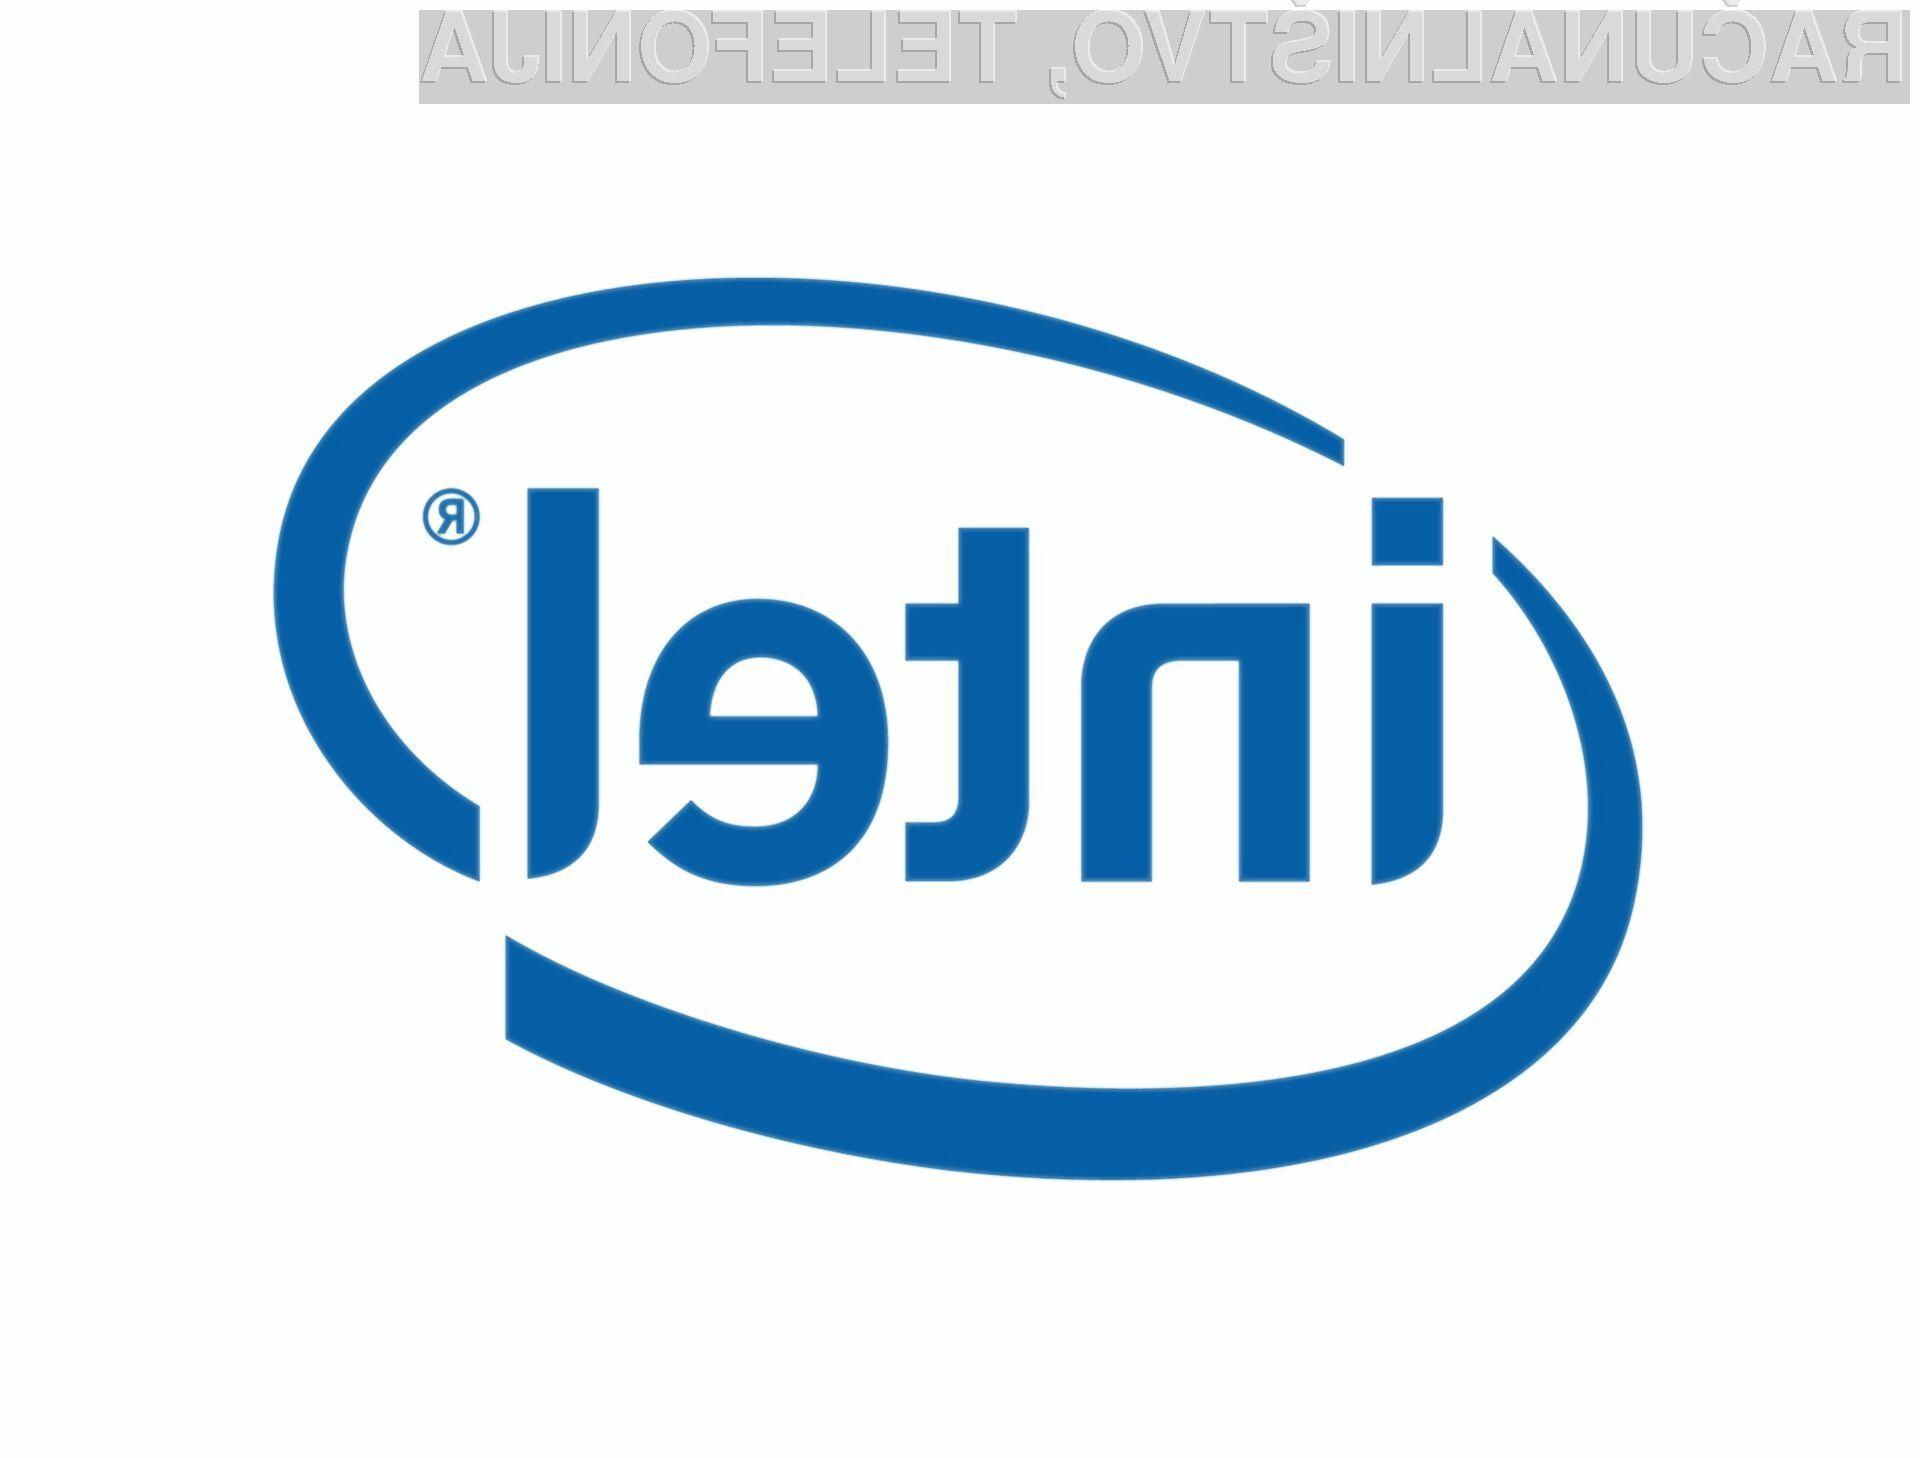 Intel močno verjame v svojo nedolžnost!